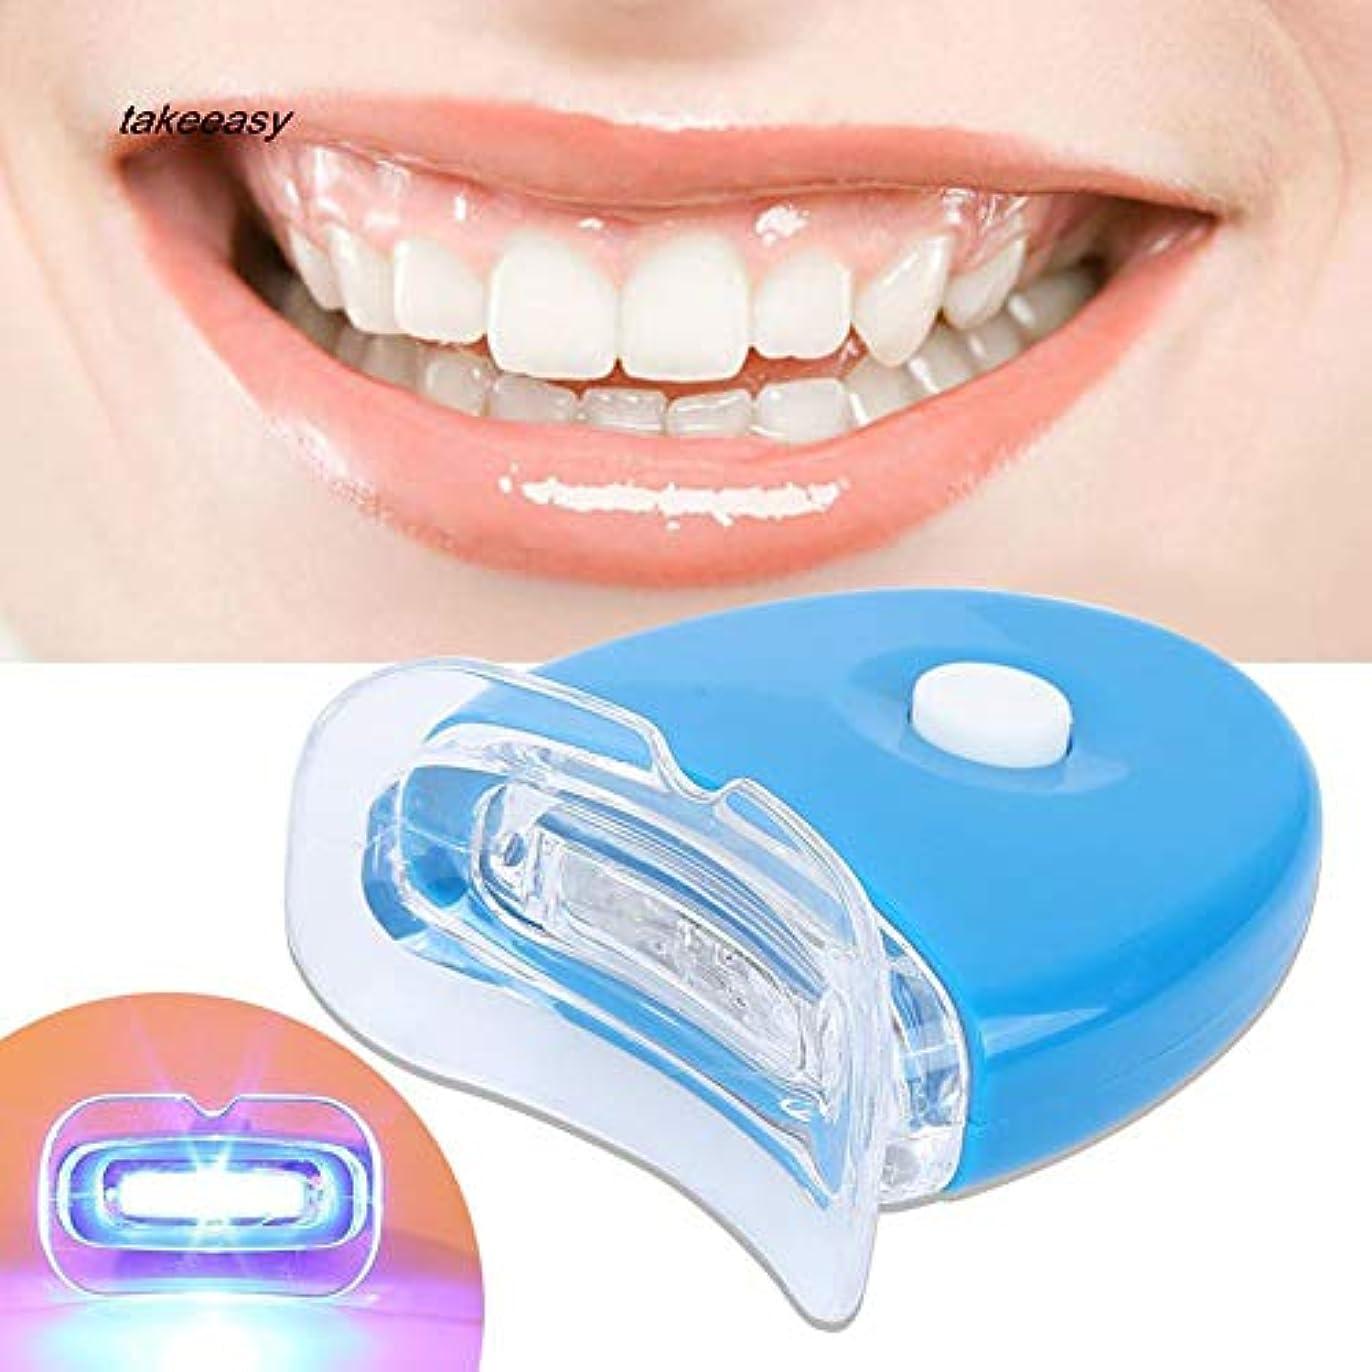 空いている繊毛四回歯ホワイトニング器 歯美白器 美歯器 ホワイトニング ホワイトナー ケア 歯の消しゴム 歯科機器 口腔ゲルキット ライト付き 歯を白くする